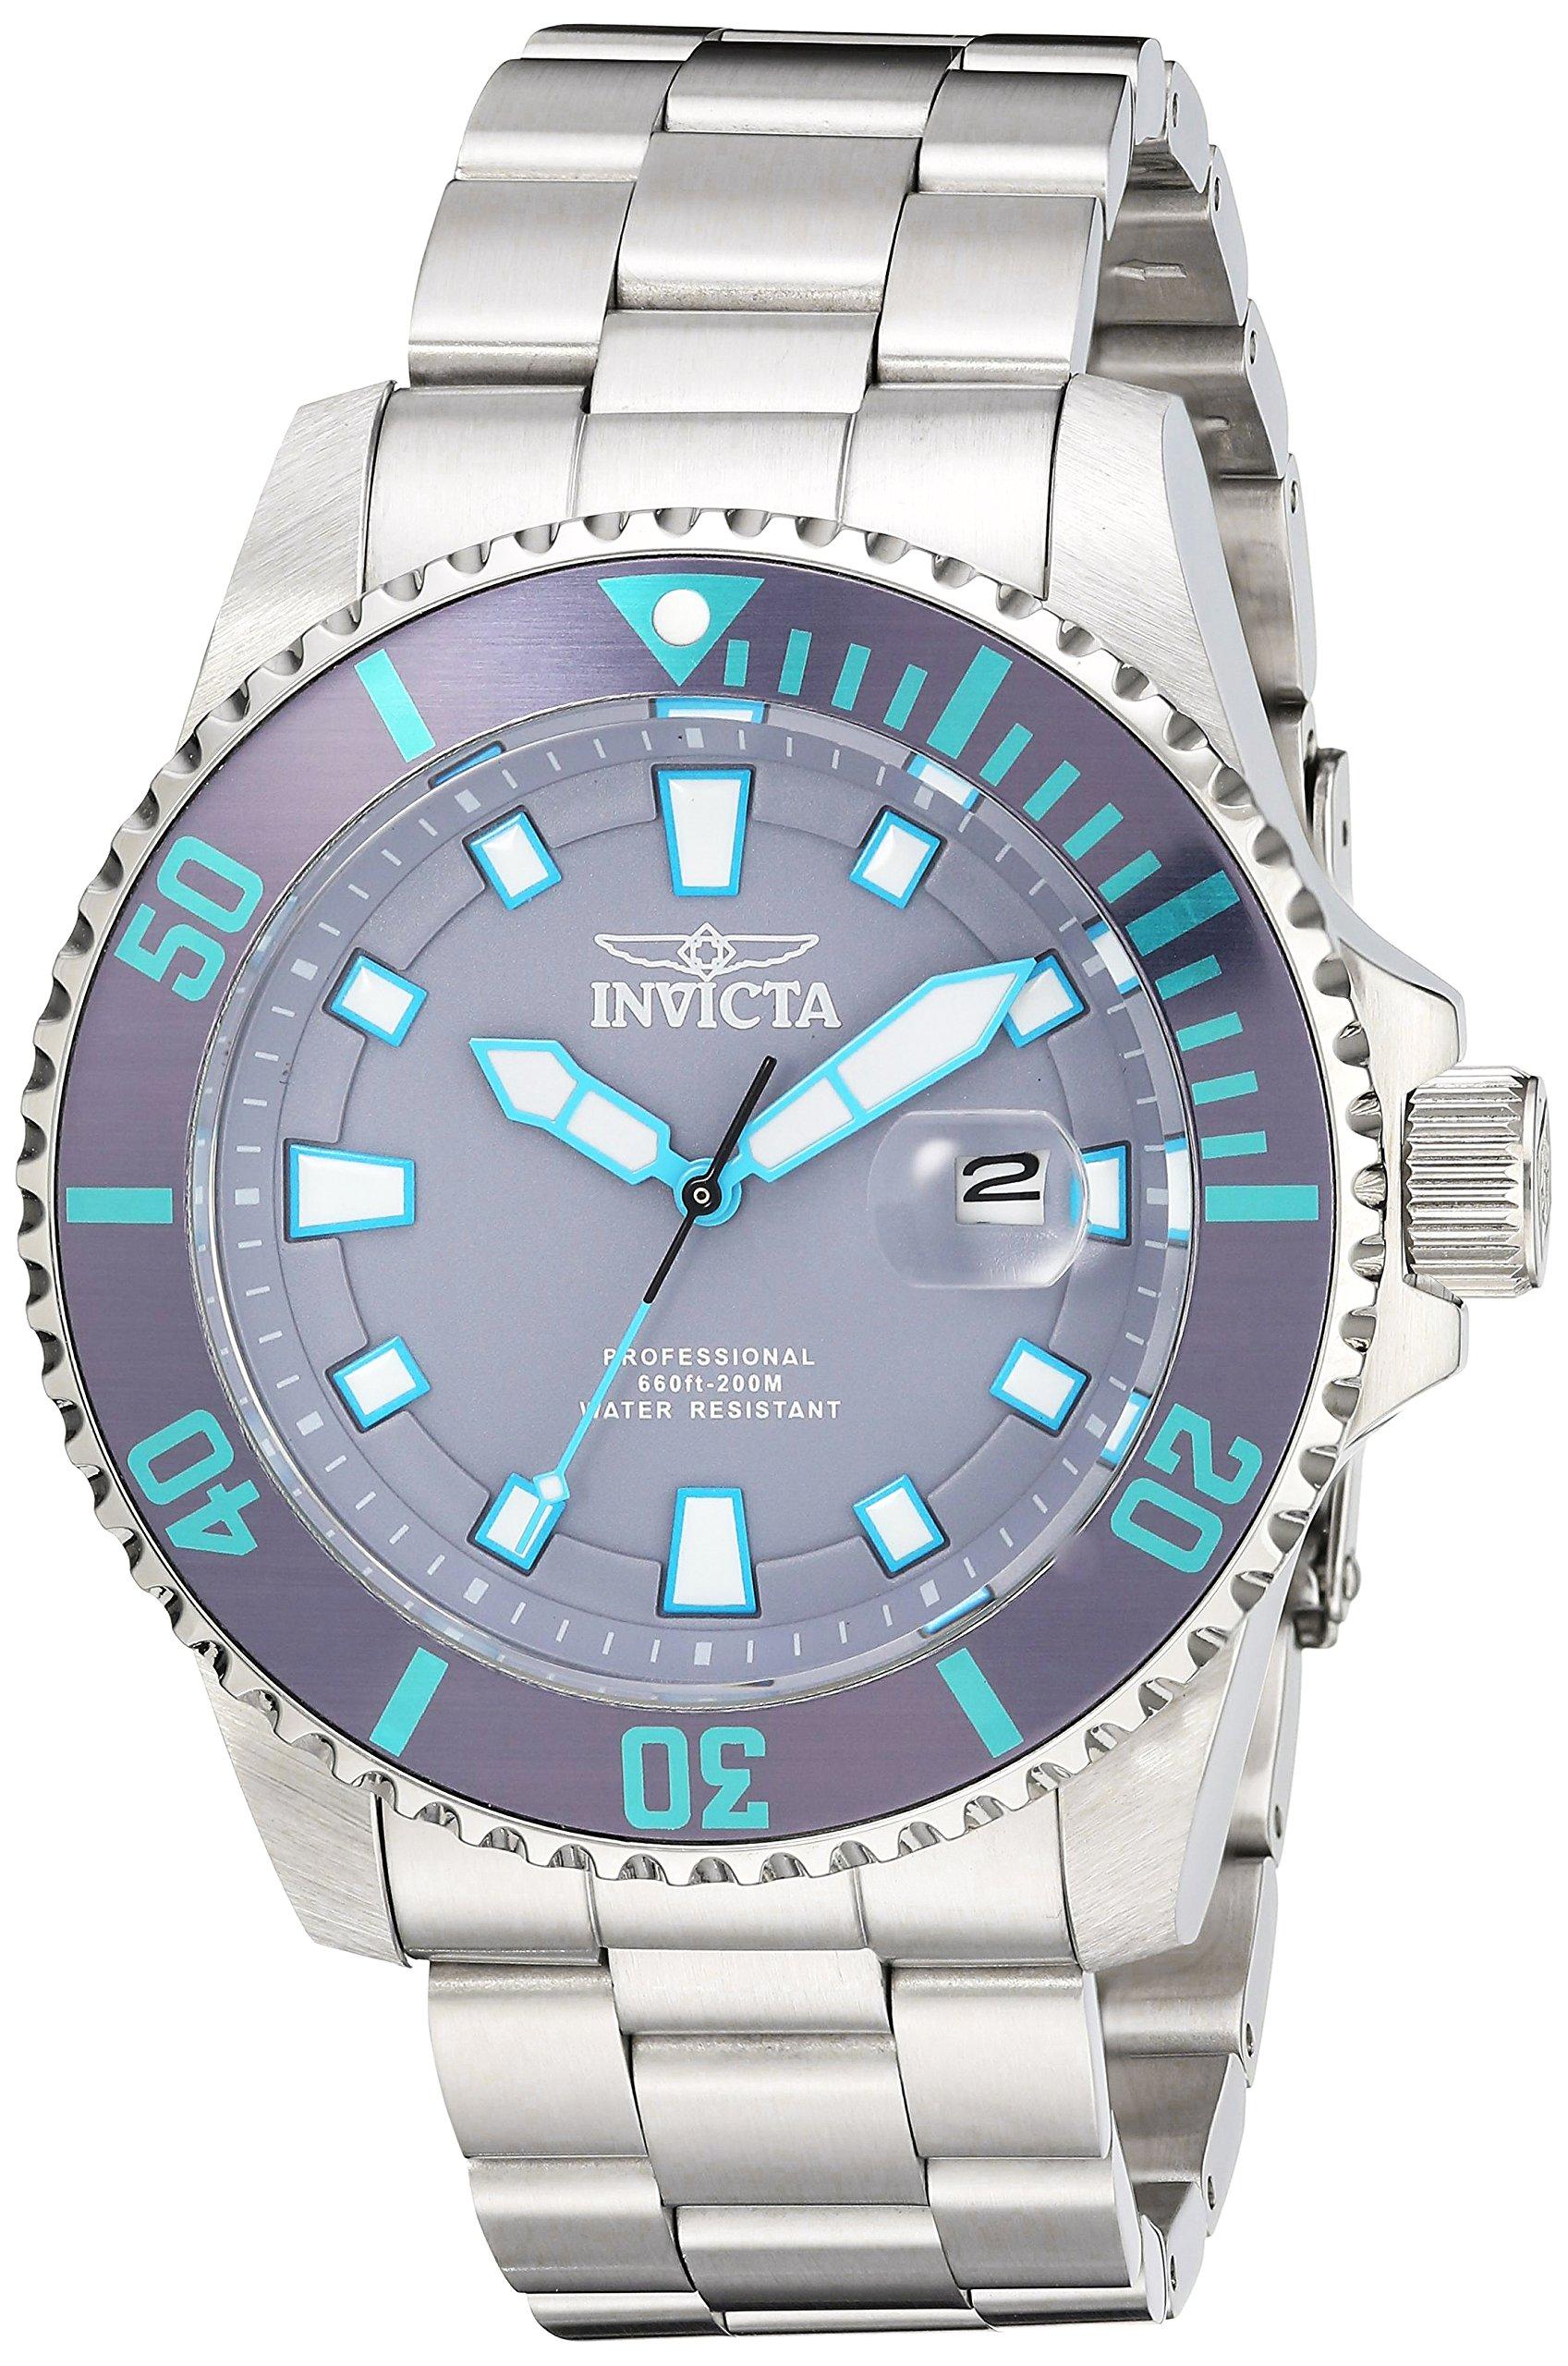 Invicta 90292 Pro Diver Reloj para Hombre acero inoxidable Cuarzo Esfera púrpura